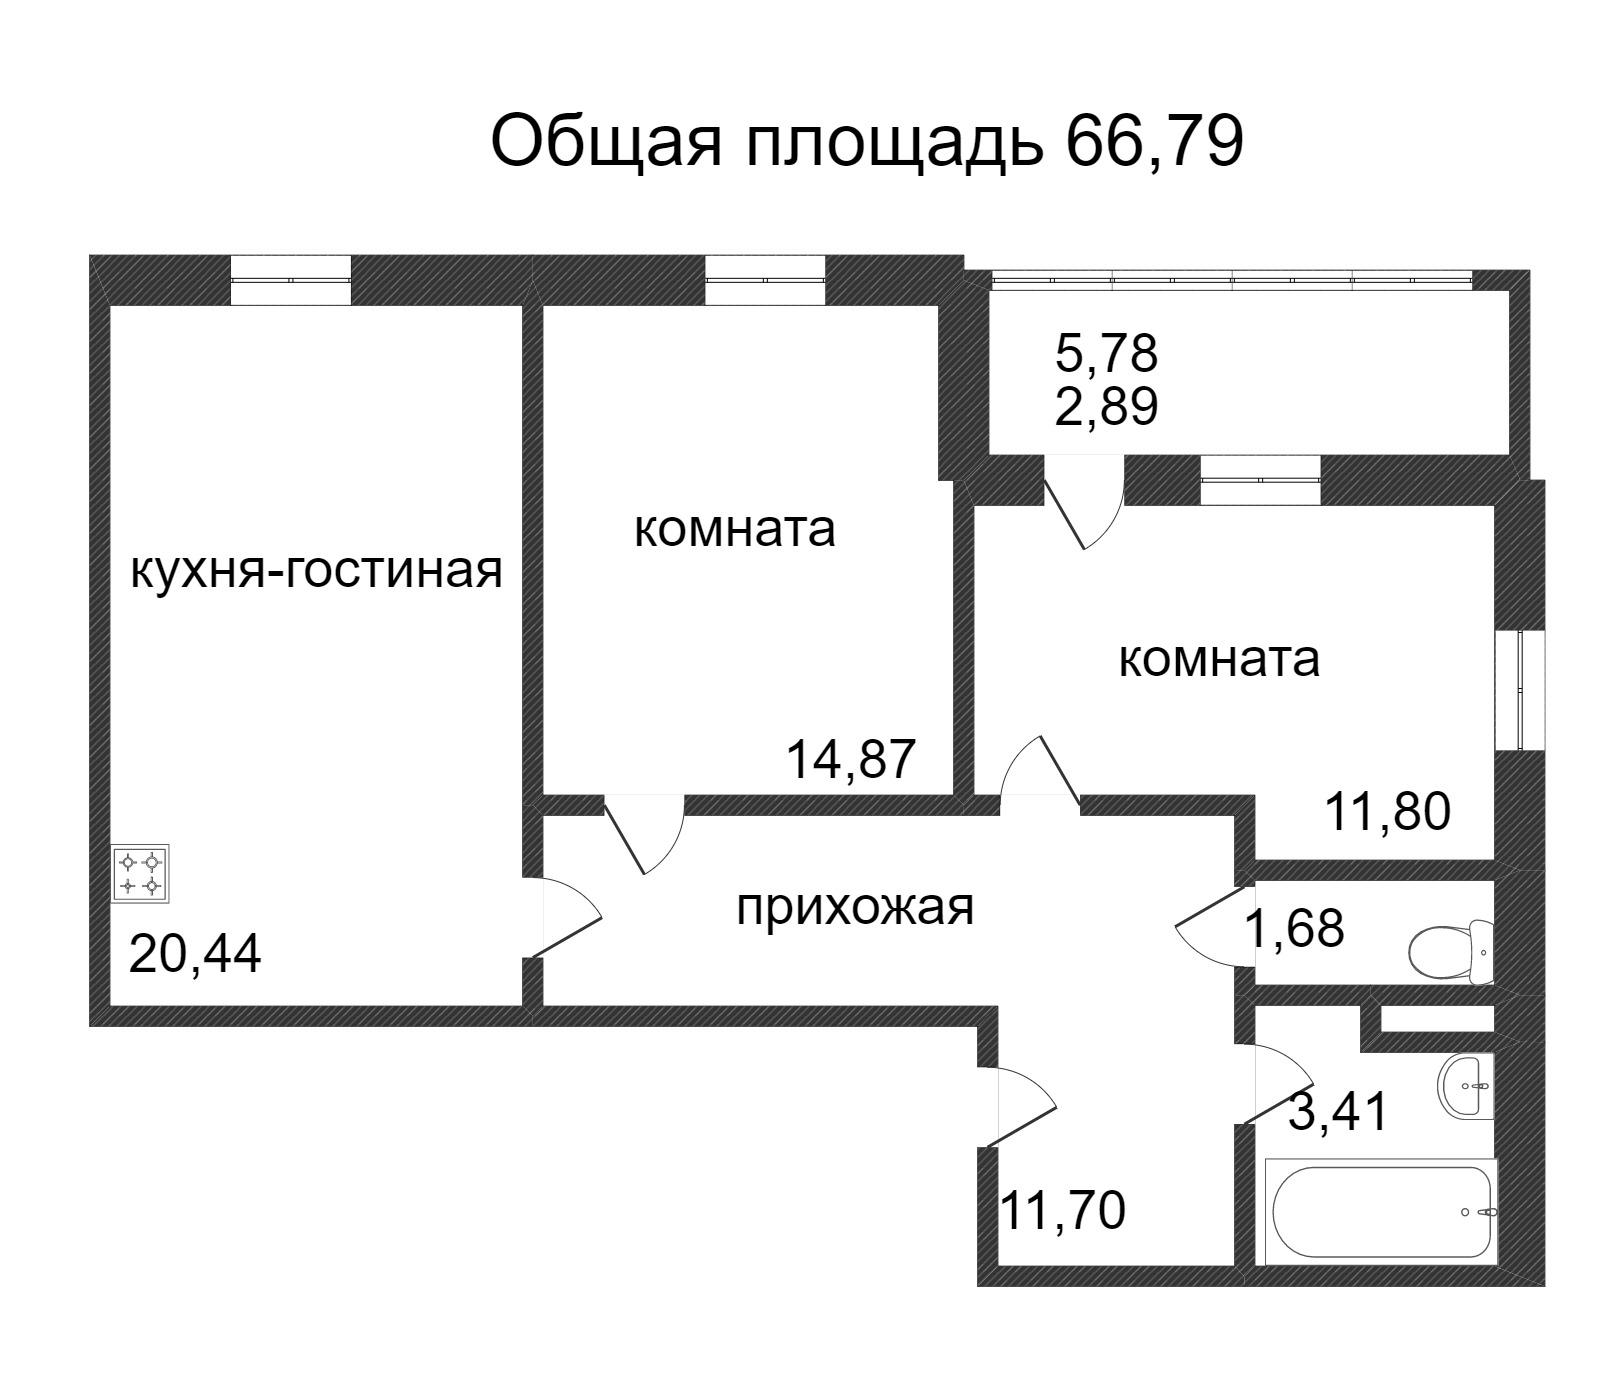 Объявление. г. Сургут, 2-комн.кв. 66.79кв.м, Ивана Захарова. Фото 3